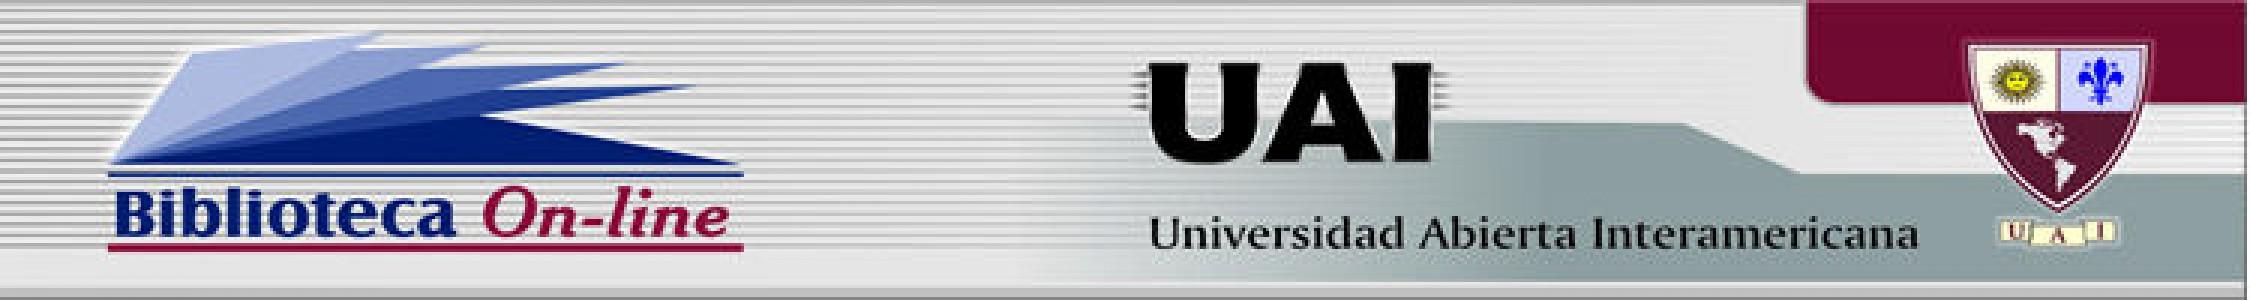 Universidad Abierta Interamericana. Sistema De Bibliotecas Vaneduc - Biblioteca Central